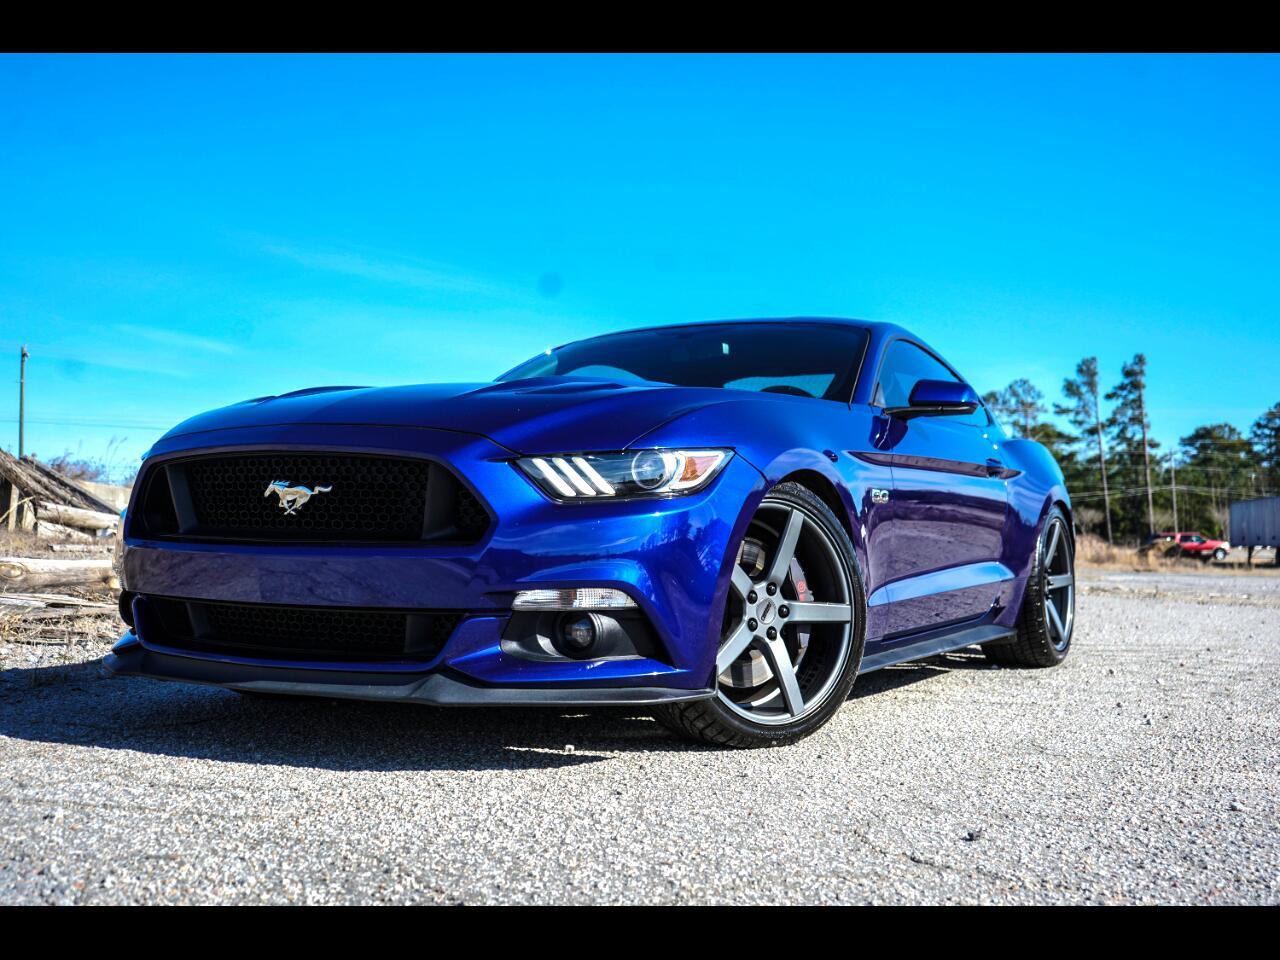 2016 Ford Mustang GT Track Pack Recaros Borla Kooks Brembos